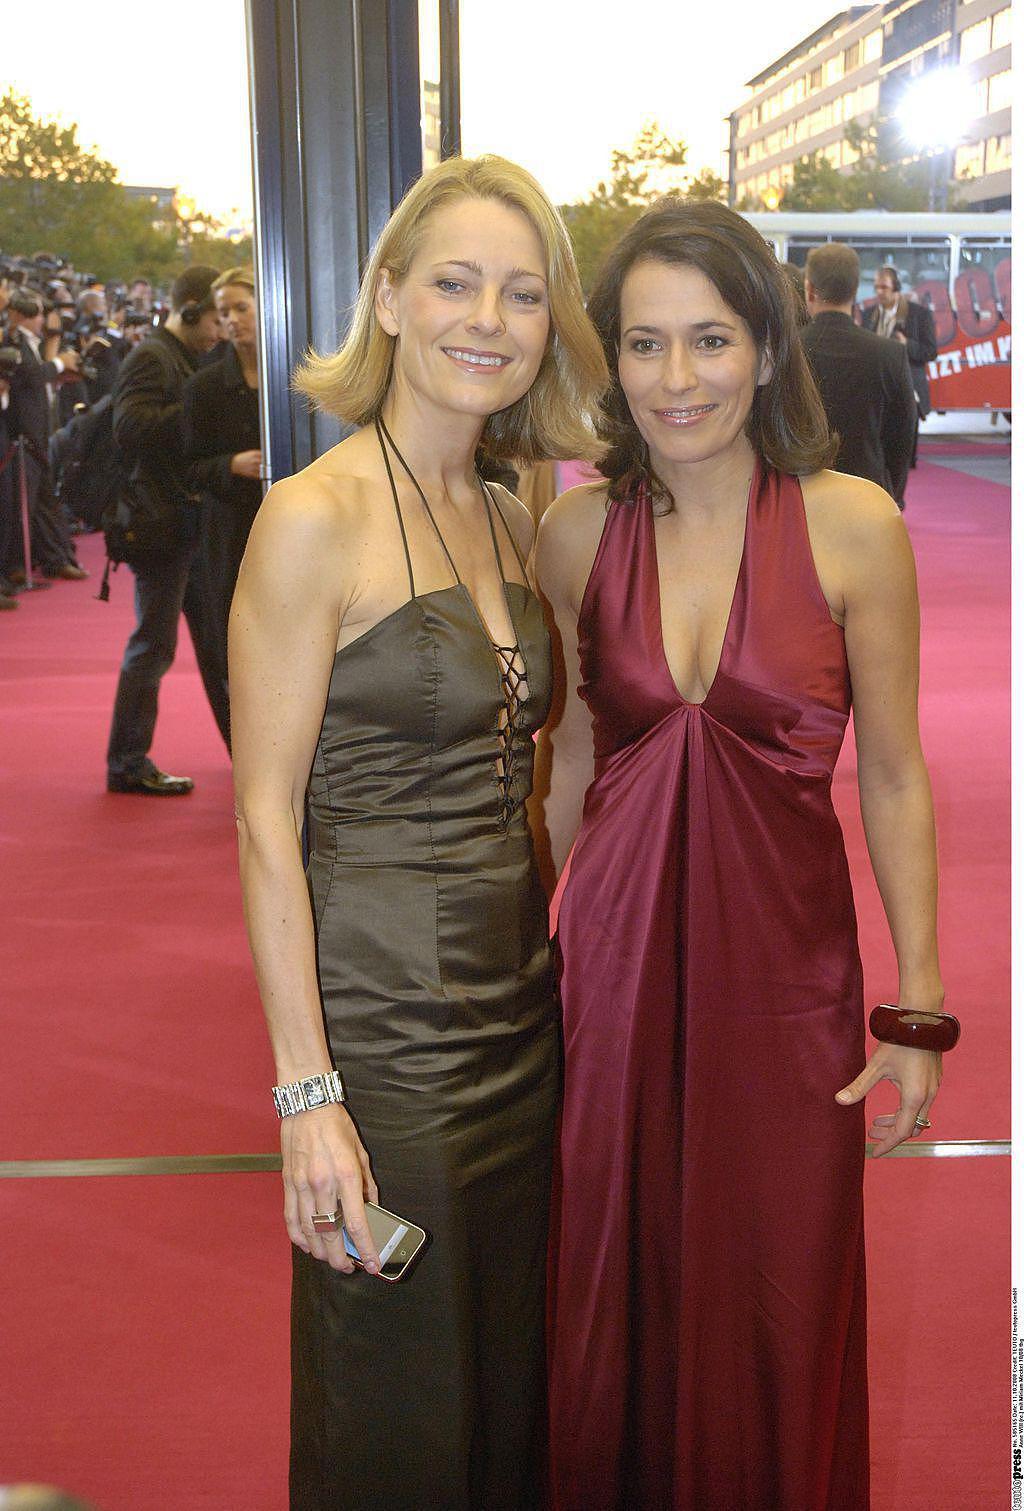 Anne Will Hochzeit Bilder  Anne Will Heirat mit Miriam Meckel